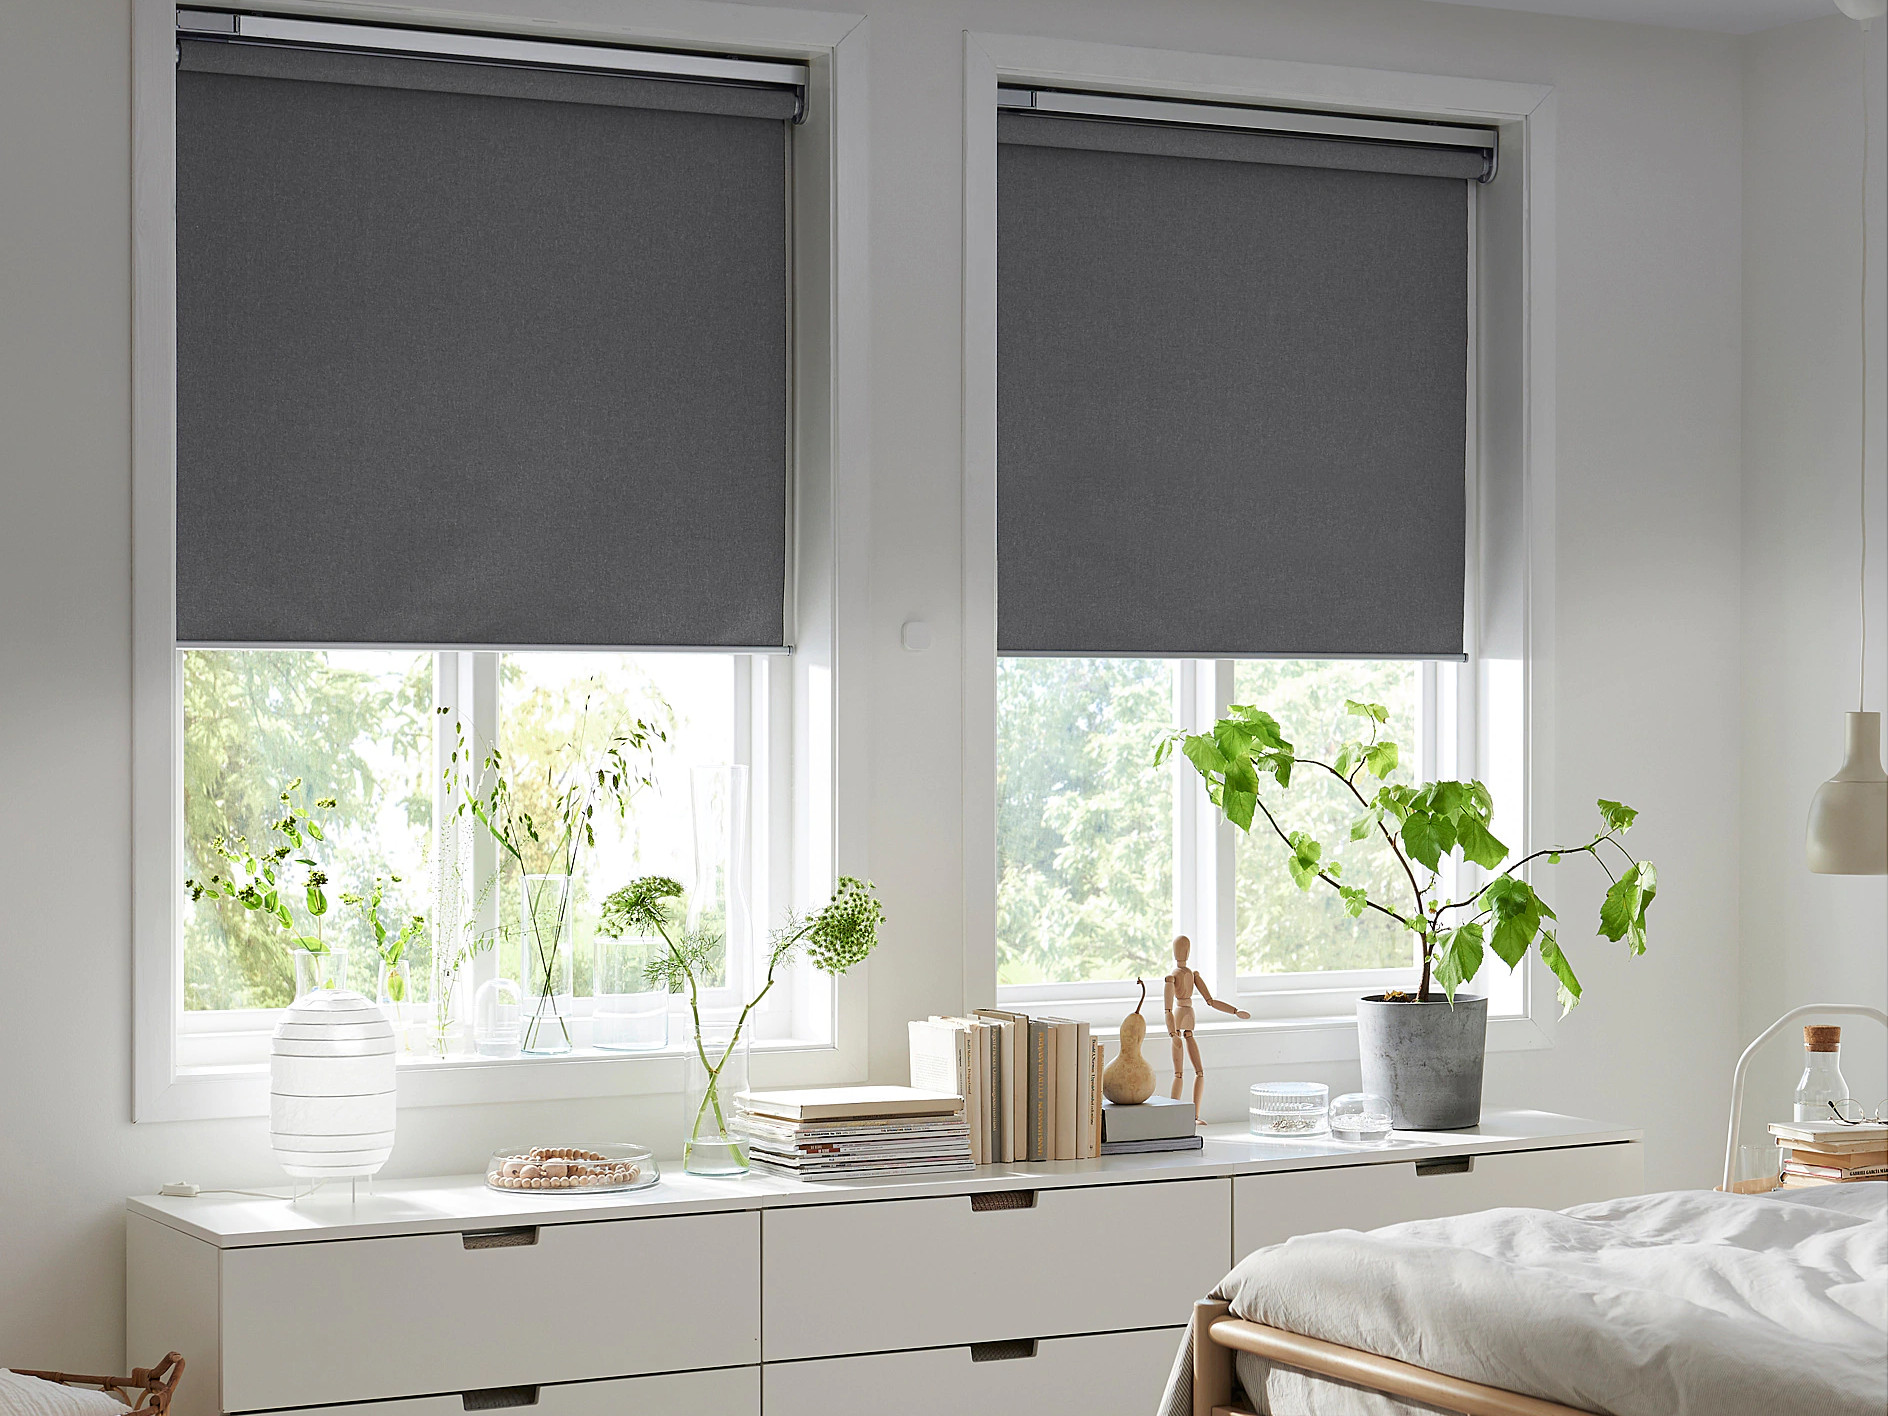 Ikea Fyrtur: Smart-Home-Rollo